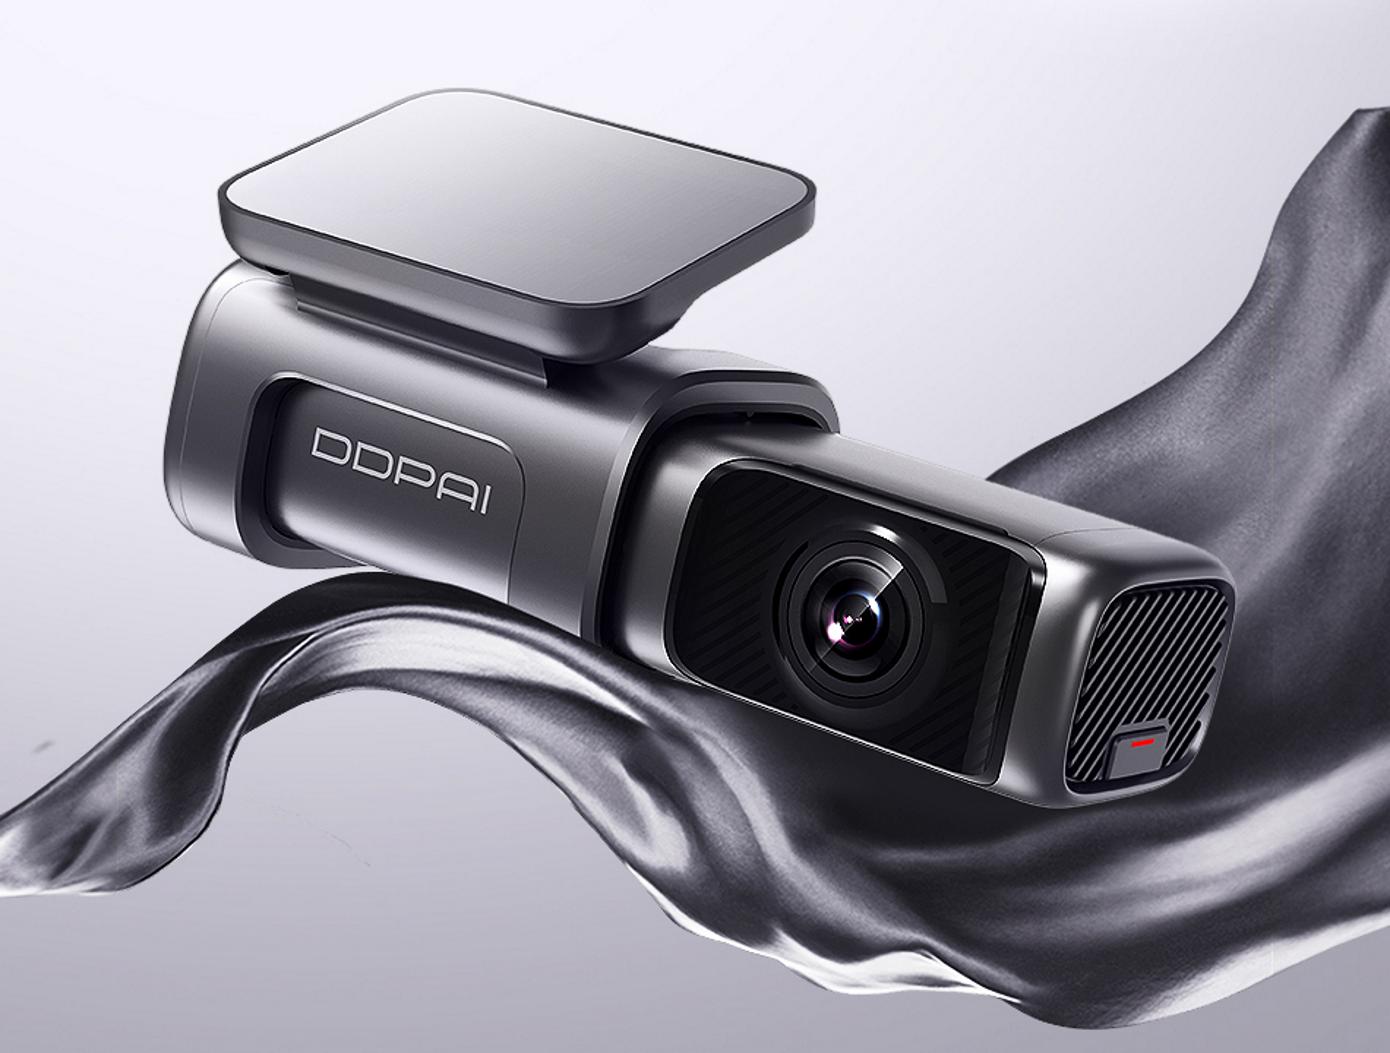 Opisanie Videoregistrator Xiaomi Ddpai Mini 5 Dash Cam 3